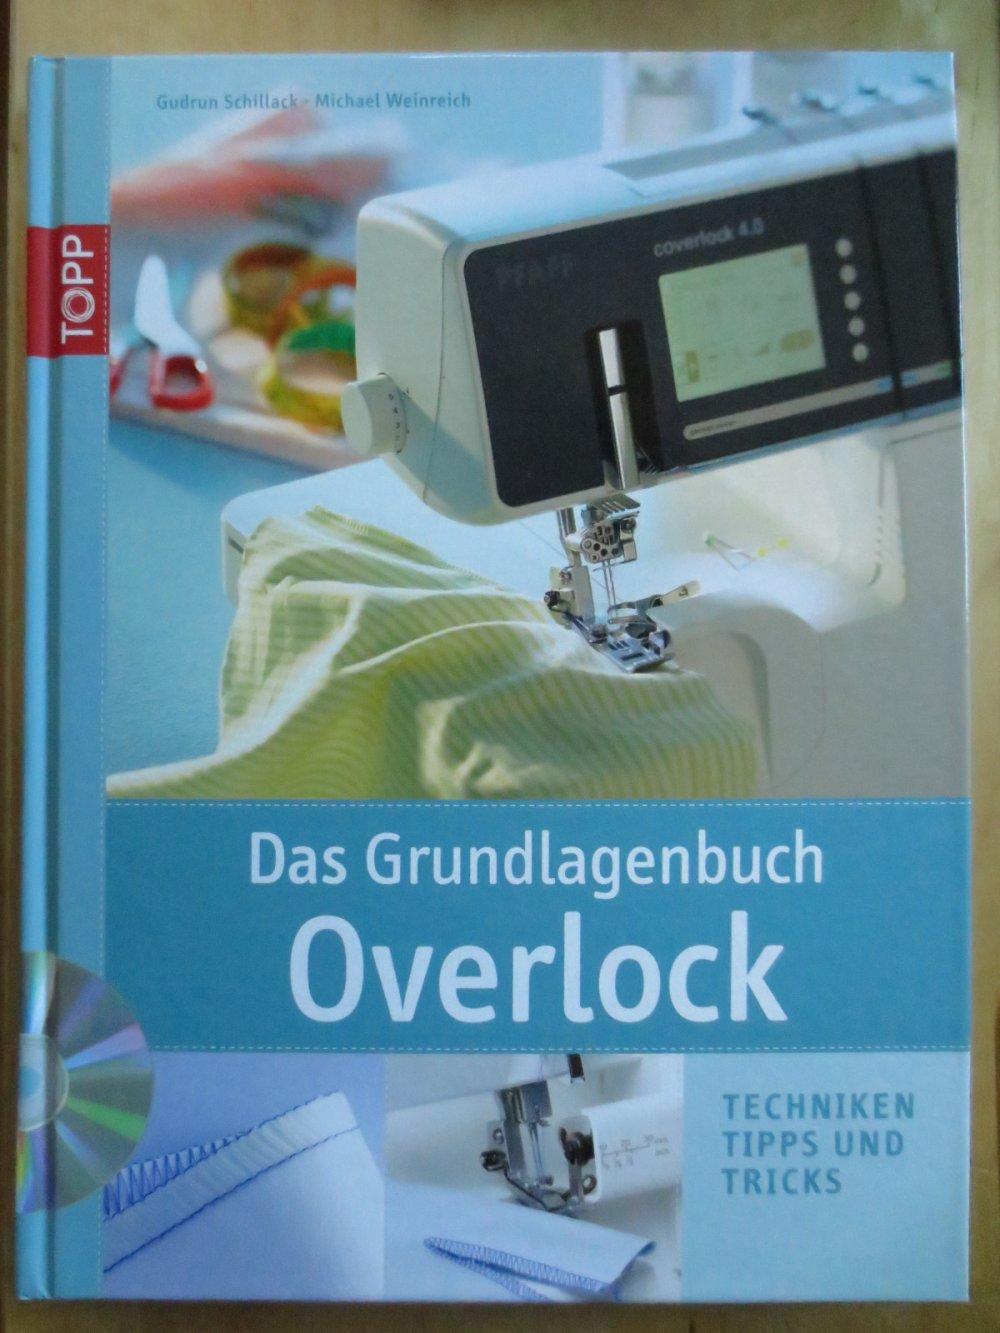 Das Grundlagenbuch Overlock